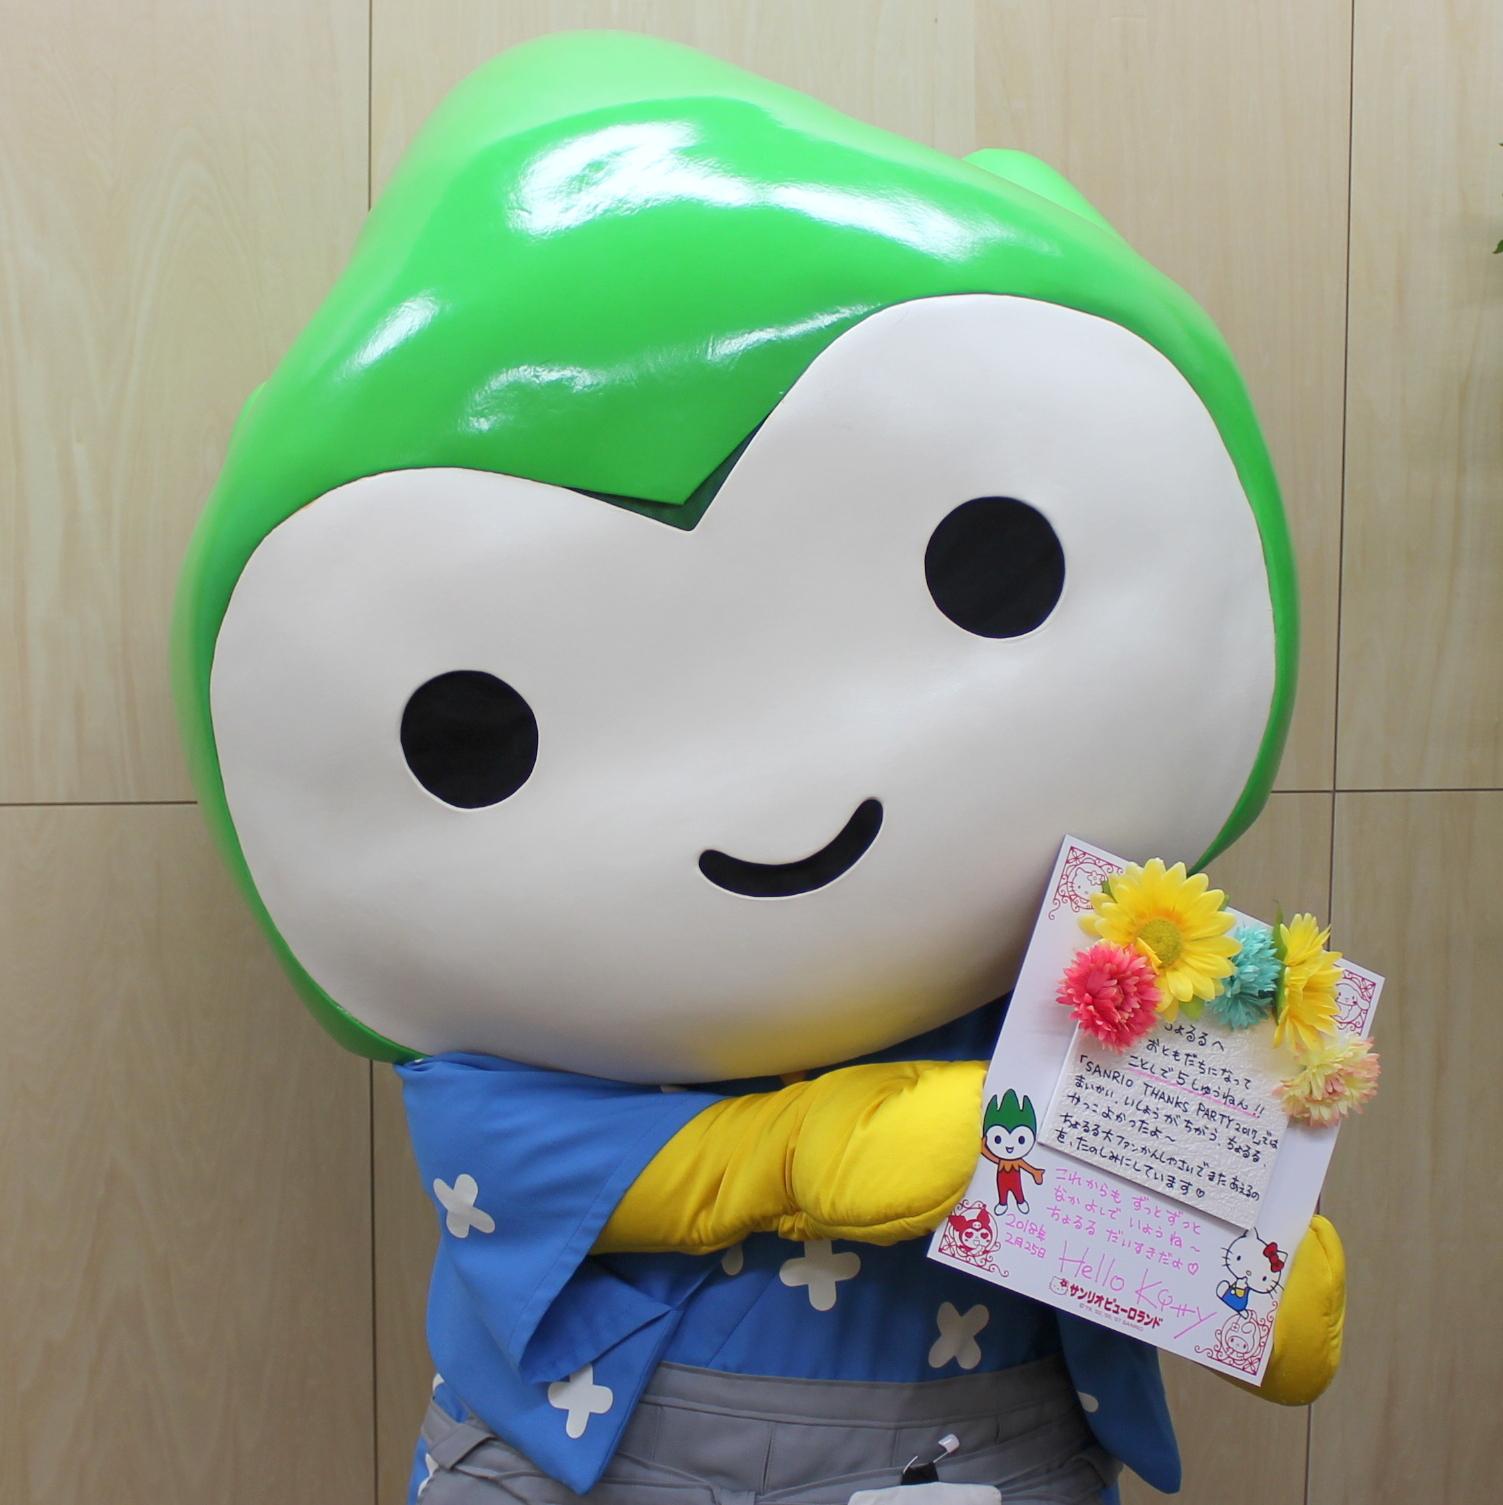 2月25日はキティちゃんとちょるるの「おともだち記念日」☆彡